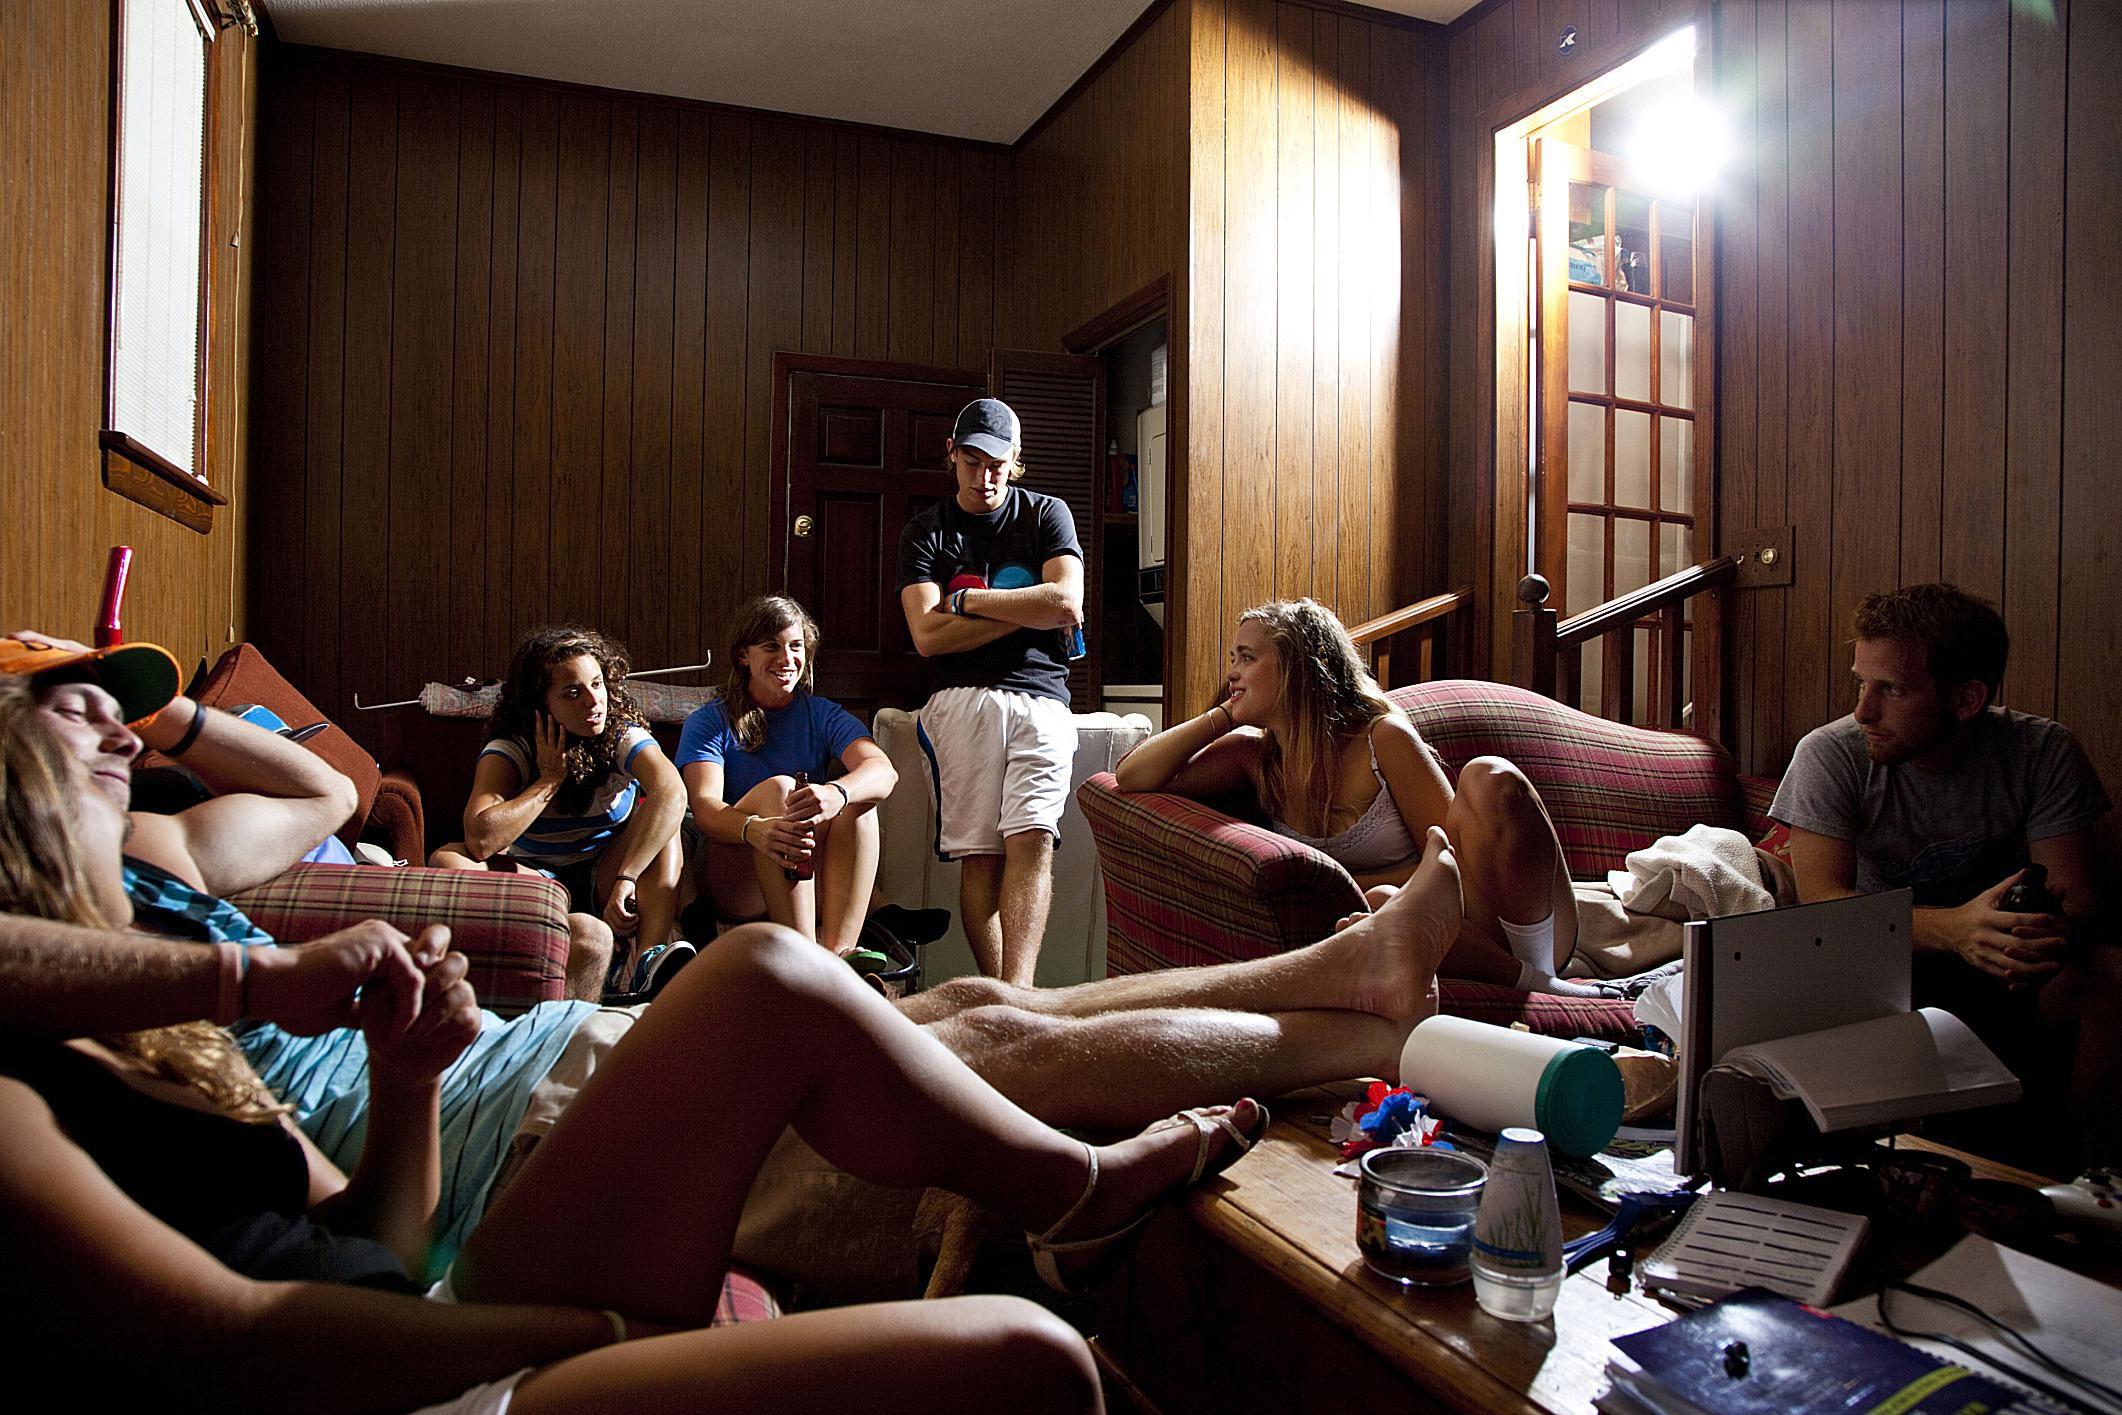 Секс студентов в общежитии онлайн 4